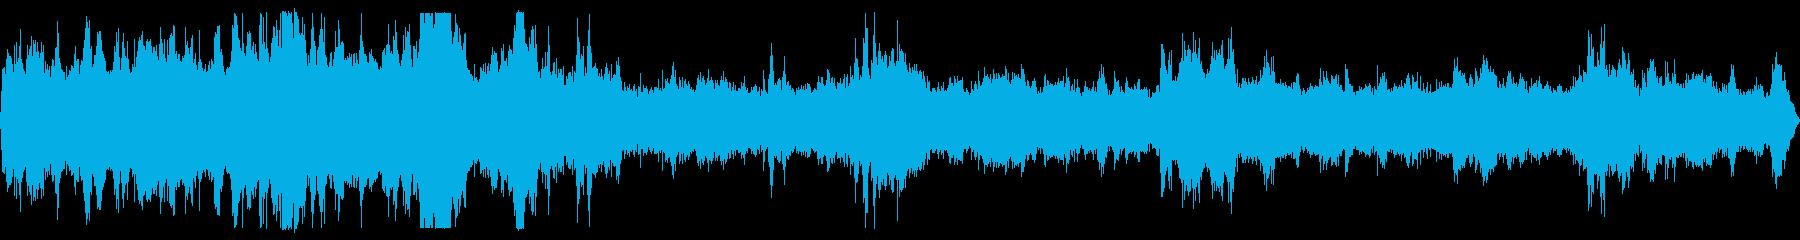 台風-5(22時半頃)_191012の再生済みの波形